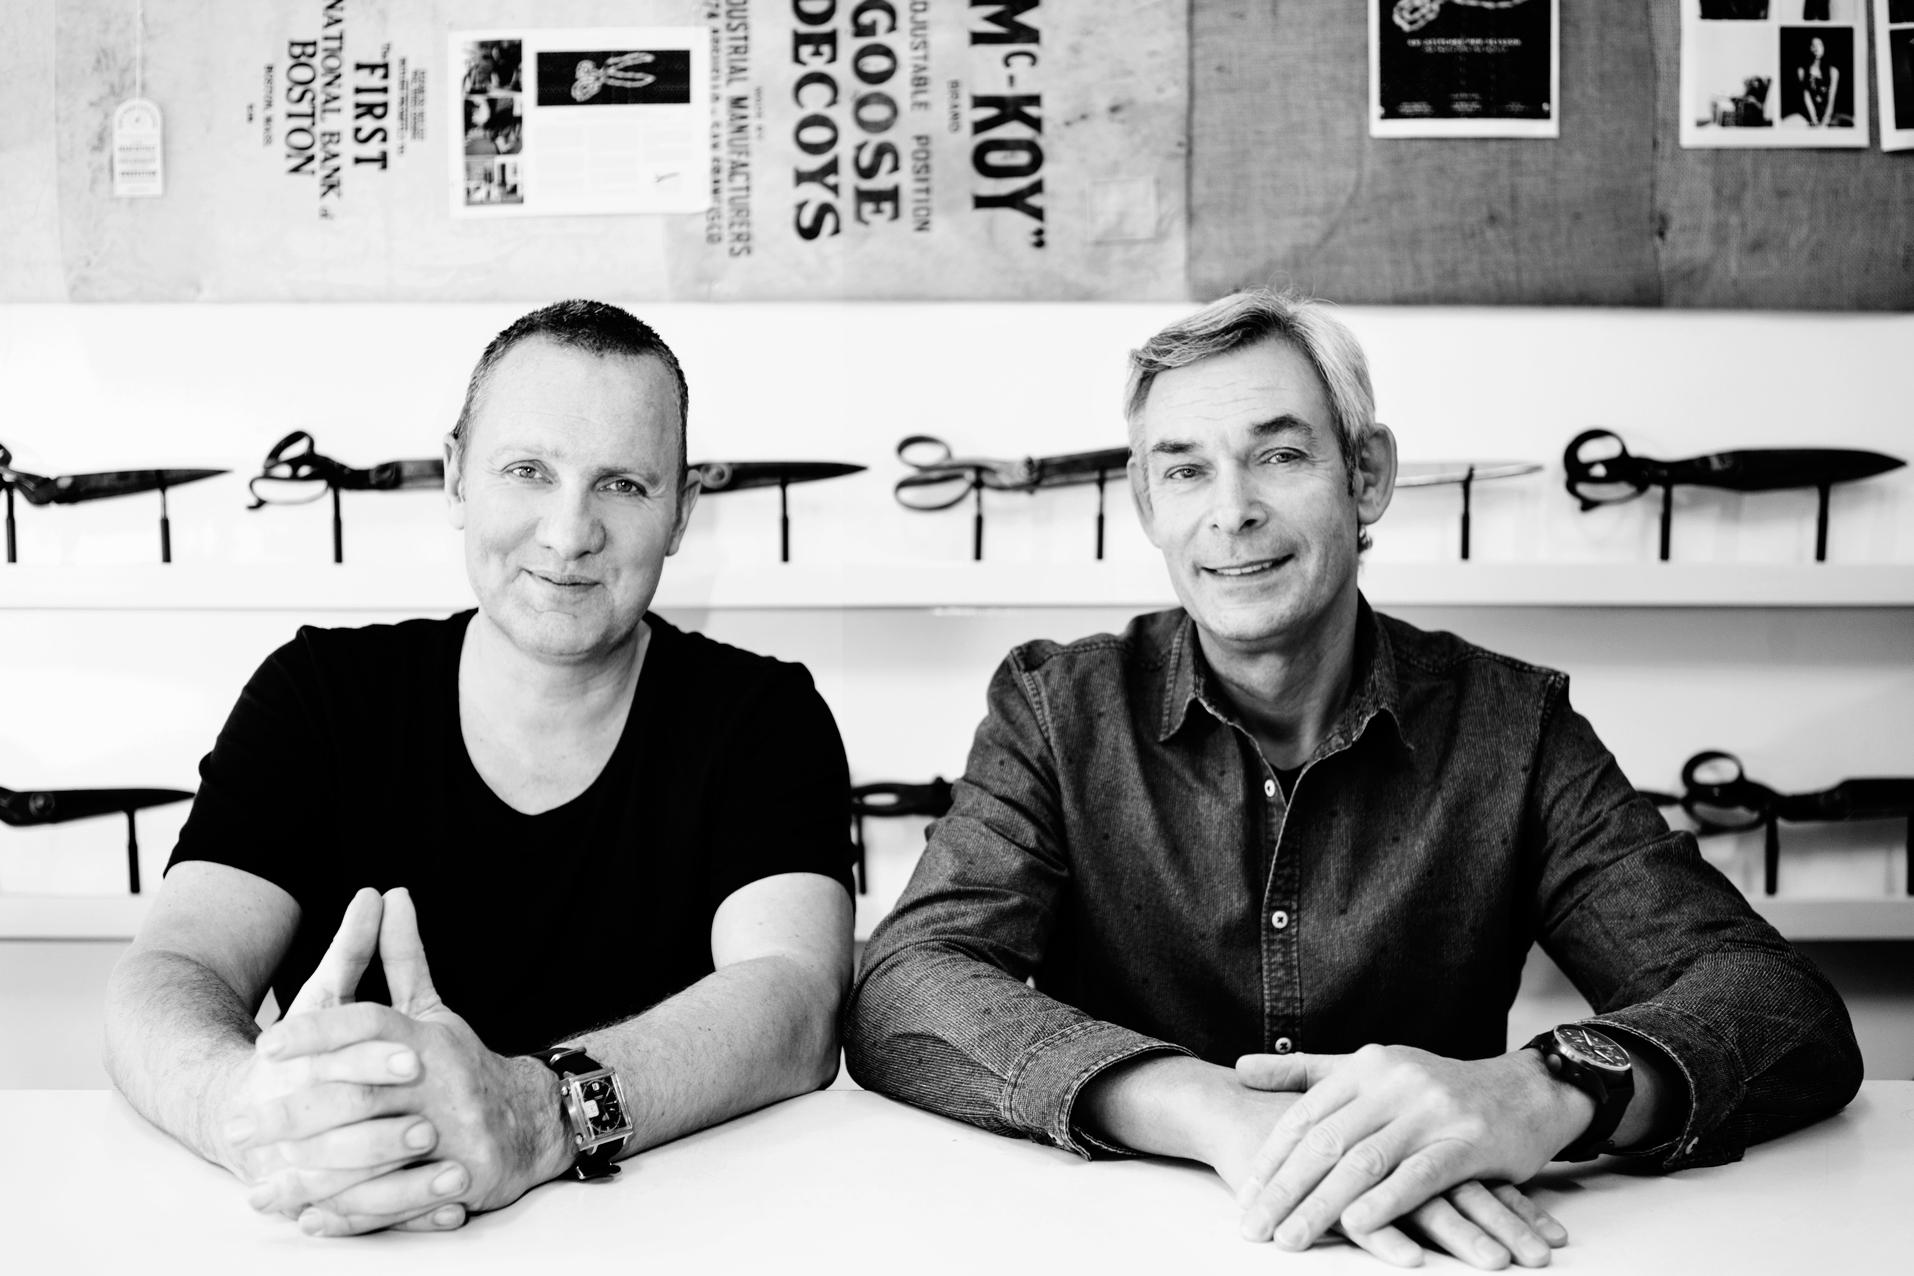 荷兰高端牛仔品牌 DENHAM 联手赫基国际集团,建立合资公司拓展大中华区业务